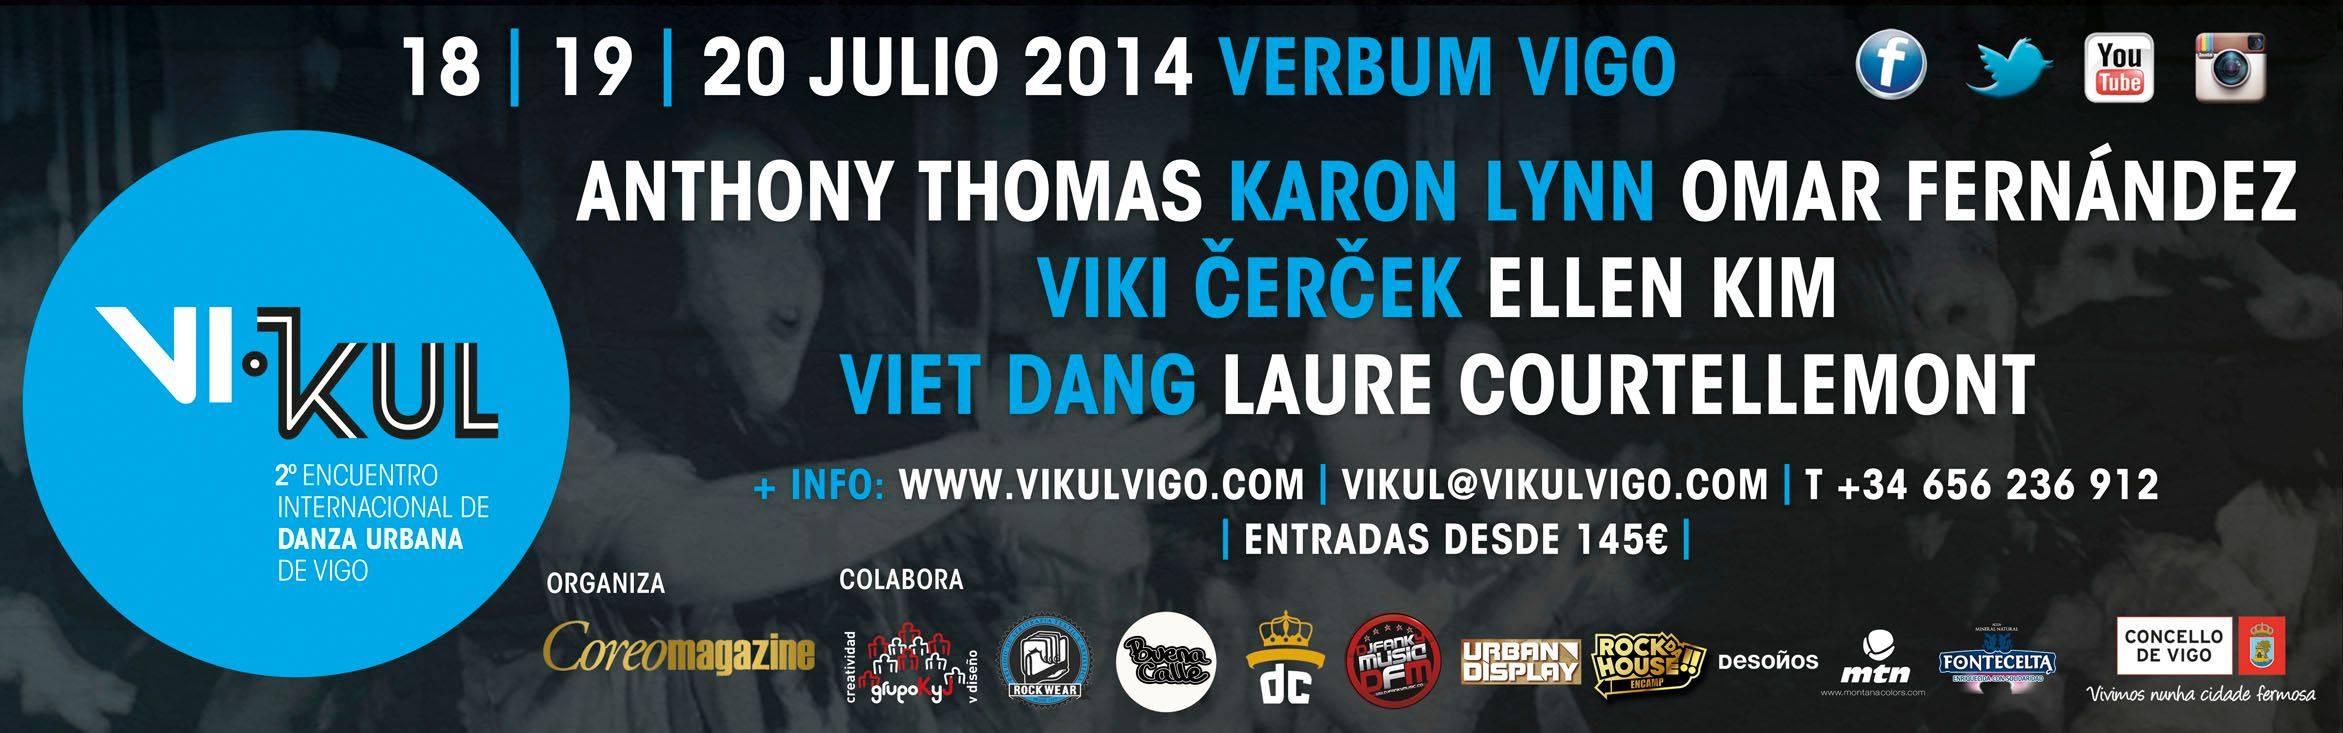 Vikul, encontro de Danza Urbana en Vigo